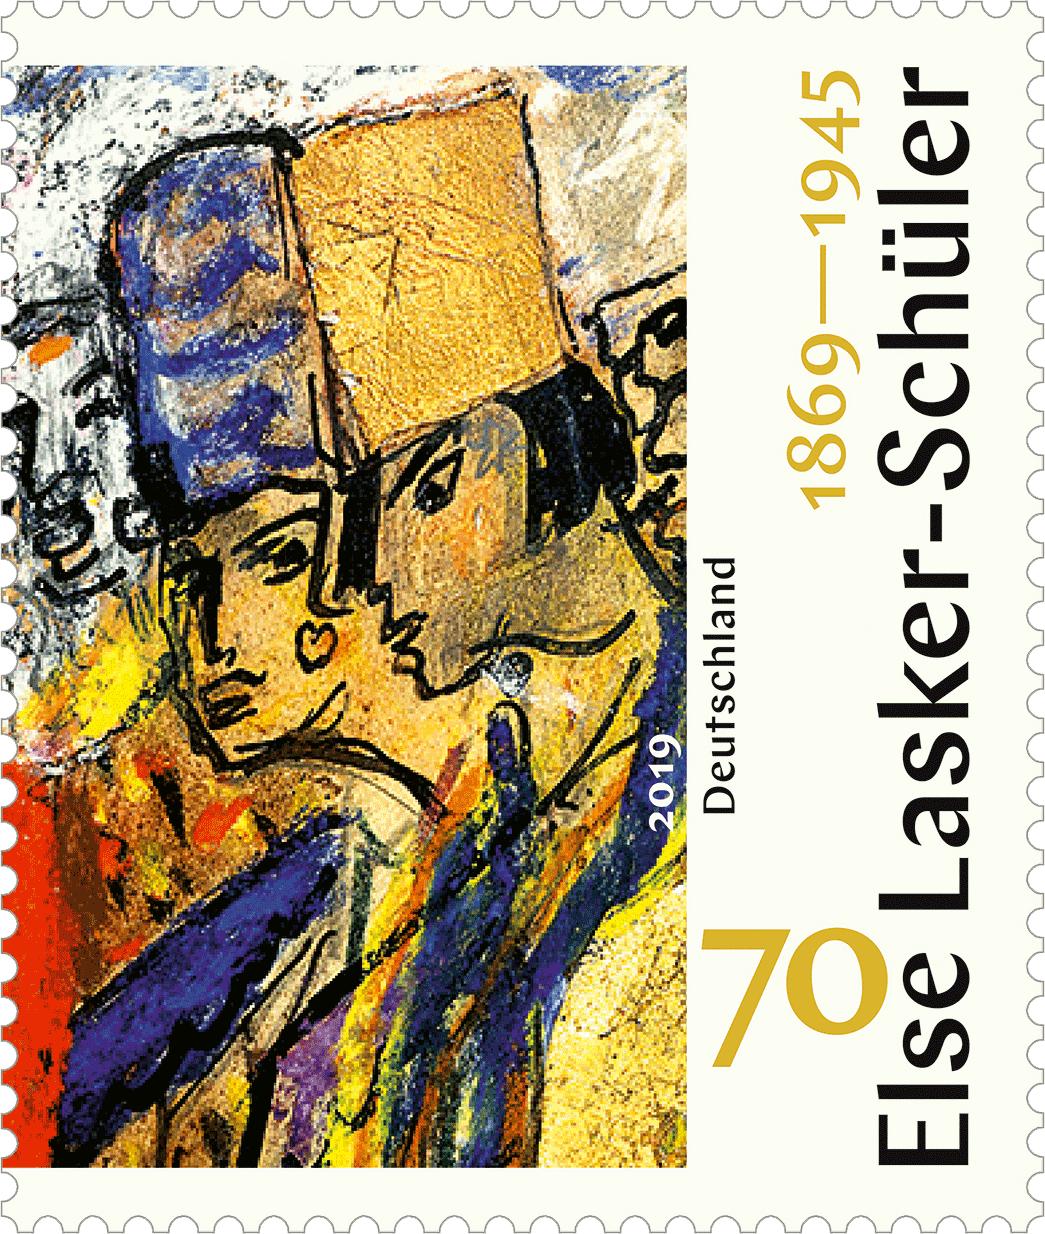 https://www.borek.de/briefmarke-150-geburtstag-else-lasker-schueler